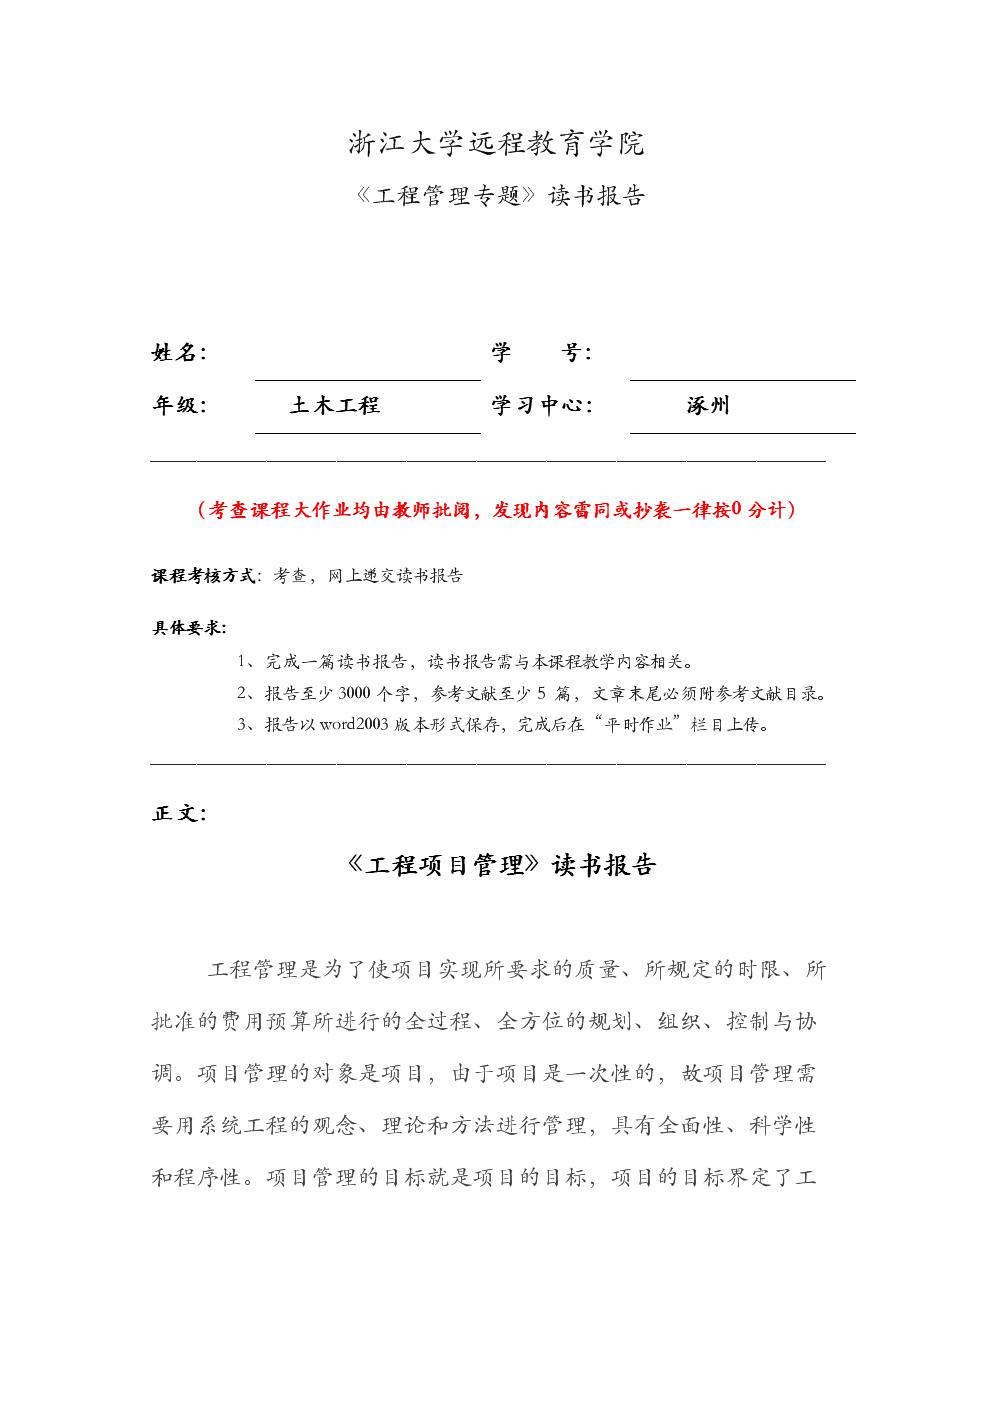 工程管理专题离线的作业.doc